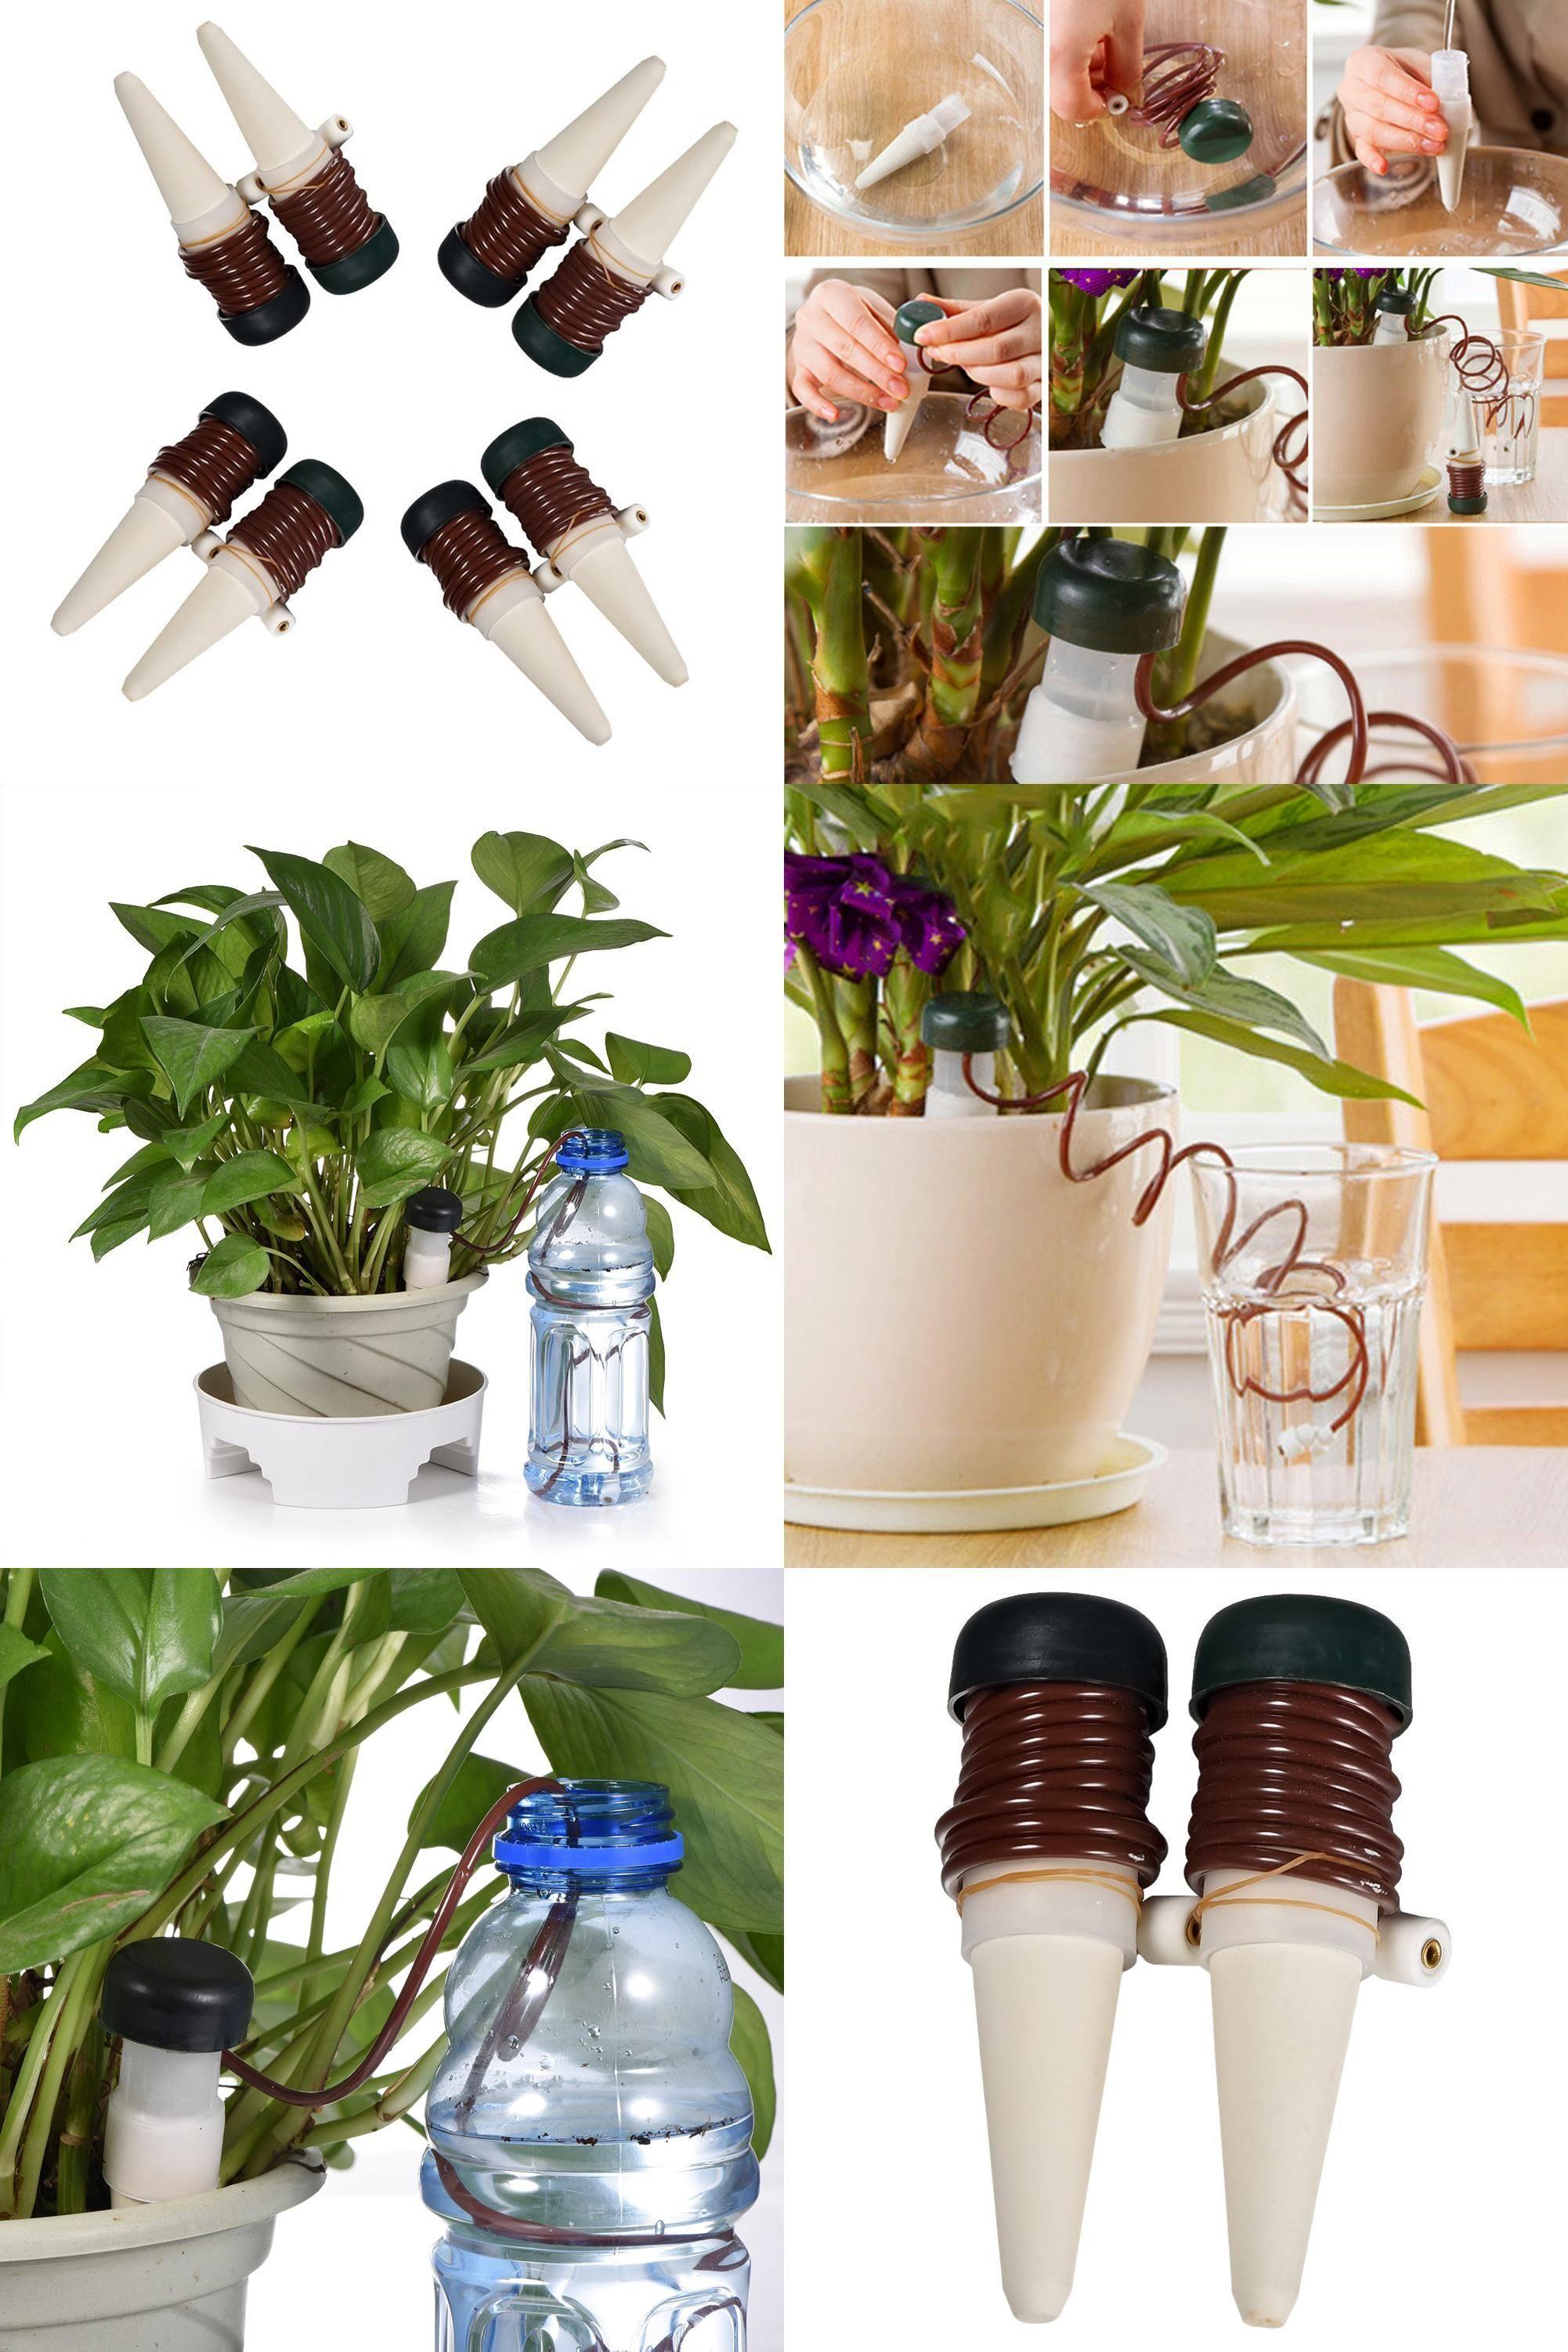 Visit To Buy Aslt 8Pcs Self Watering Probes Indoor 400 x 300